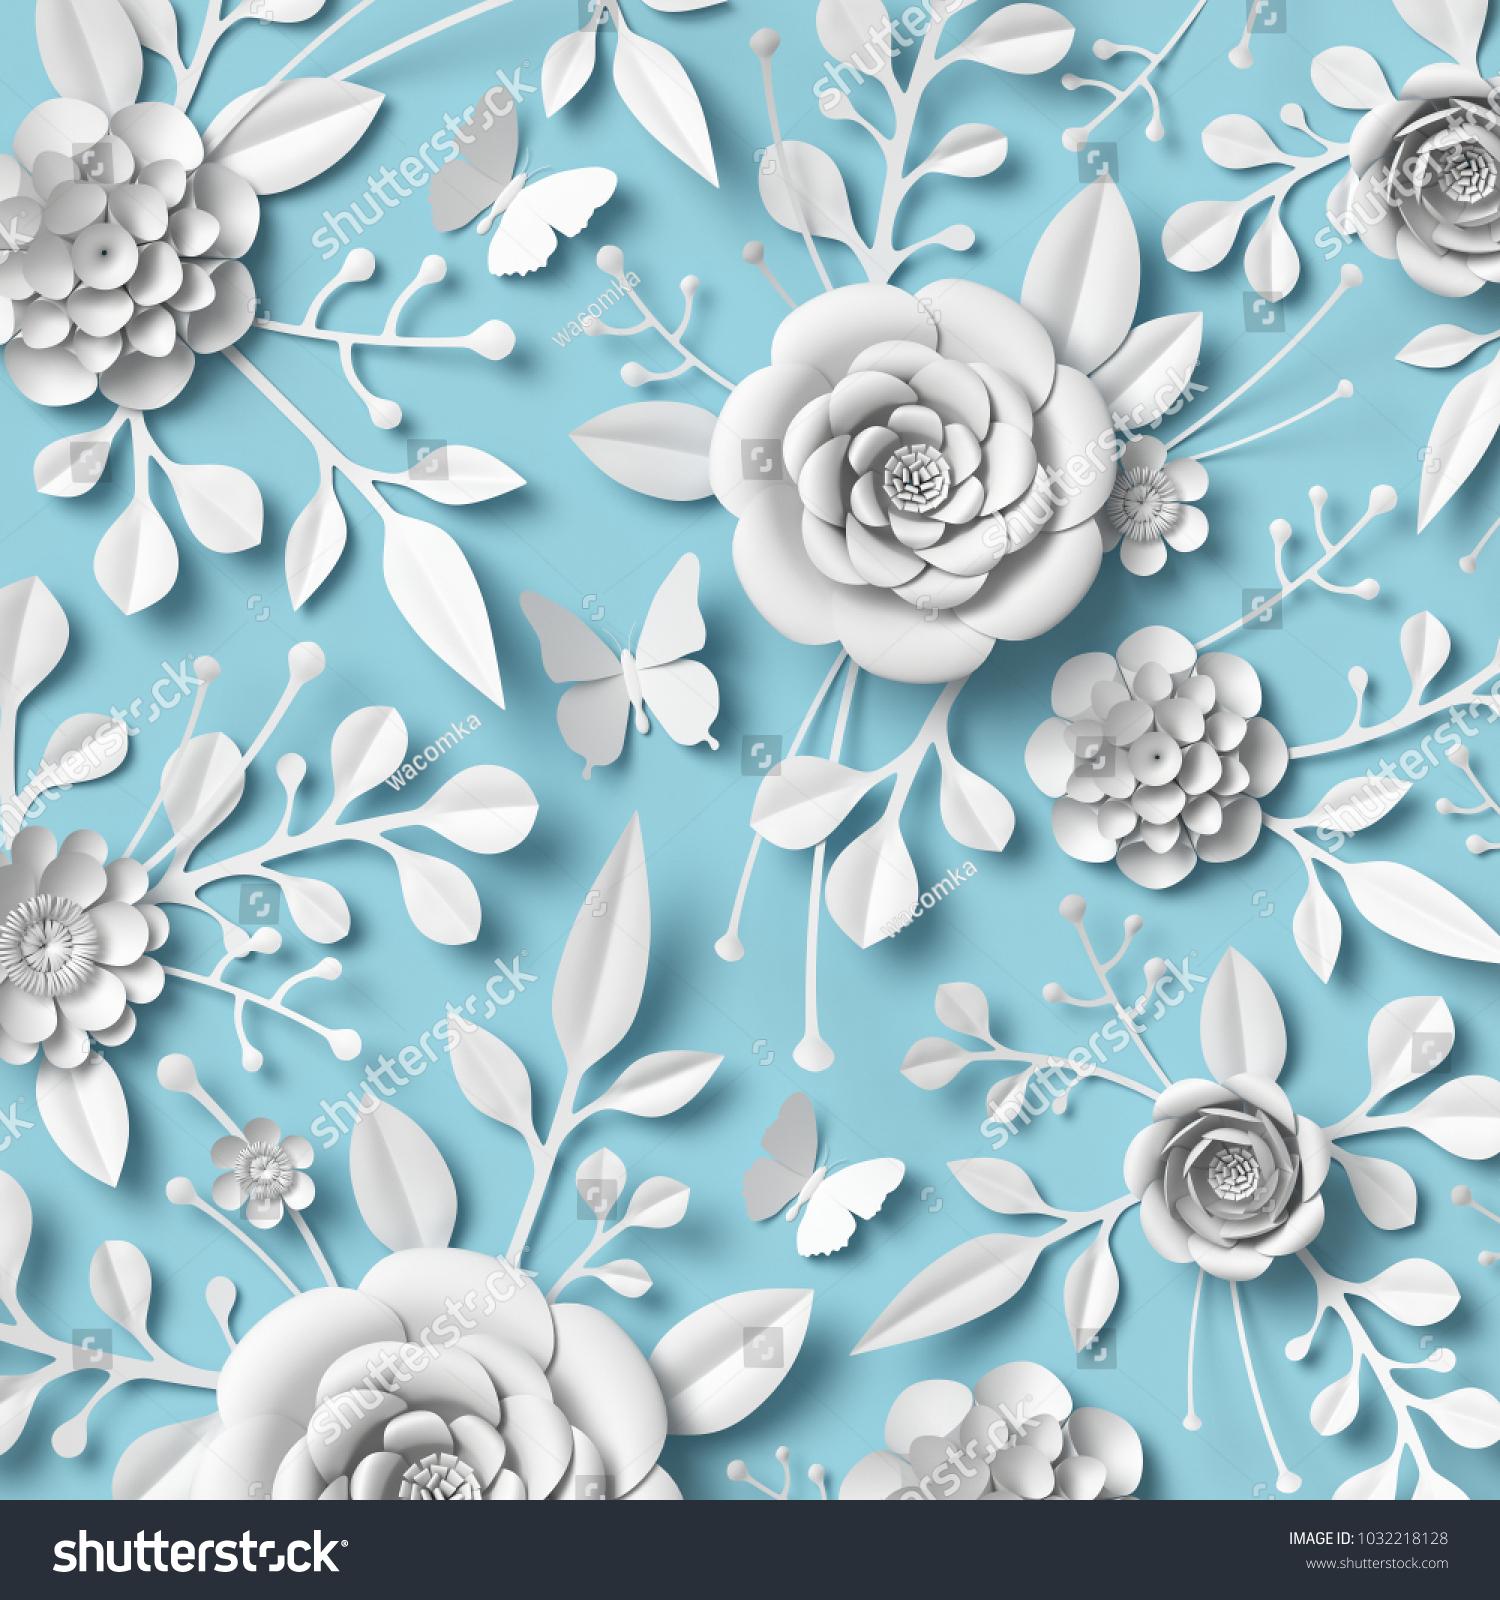 3 D Rendering White Paper Flowers On Stock Illustration 1032218128